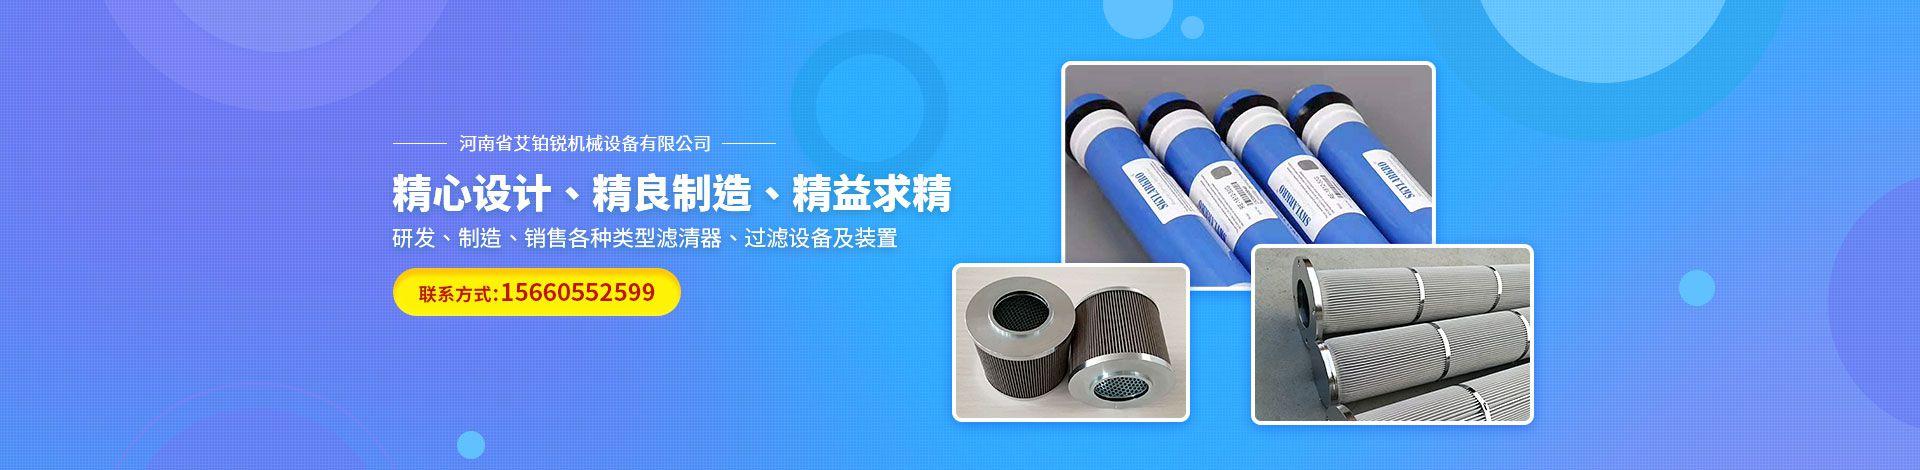 河南省艾铂锐机械设备有限公司